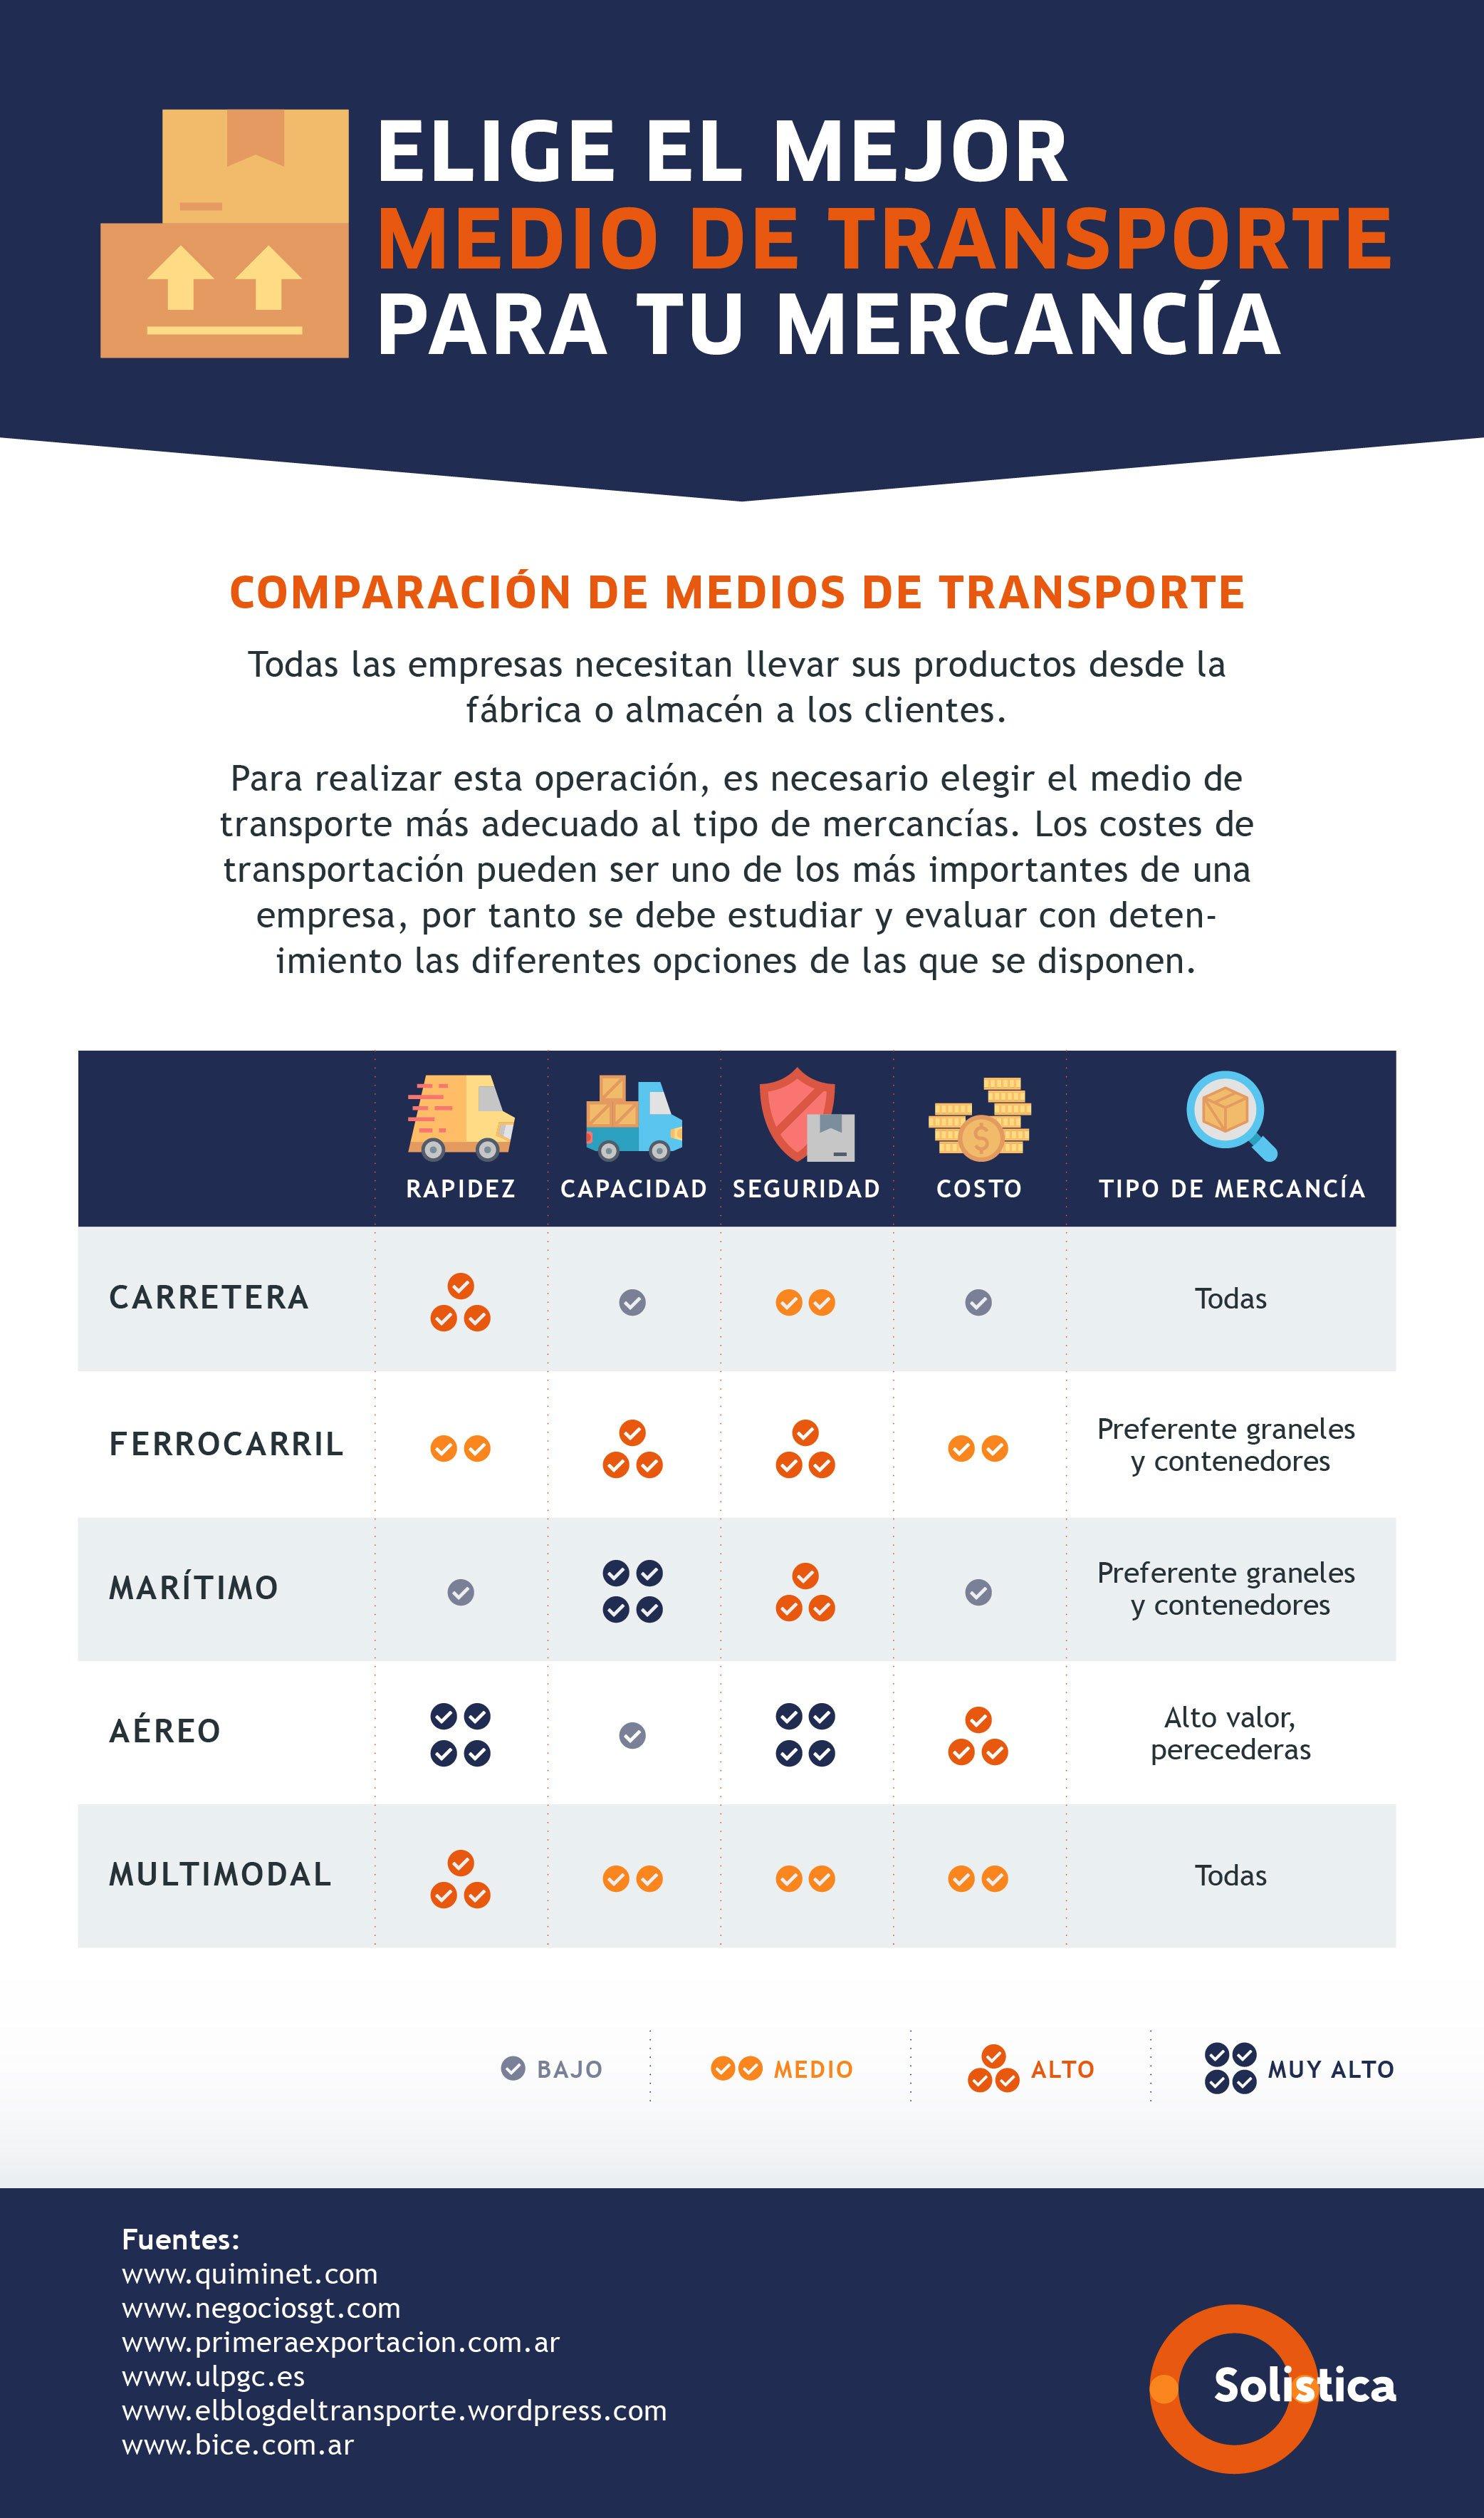 Solistica-Infografía-Consideraciones-al-elegir-el-mejor-medio-de-transporte-para-tu-ruta-comercial_v2